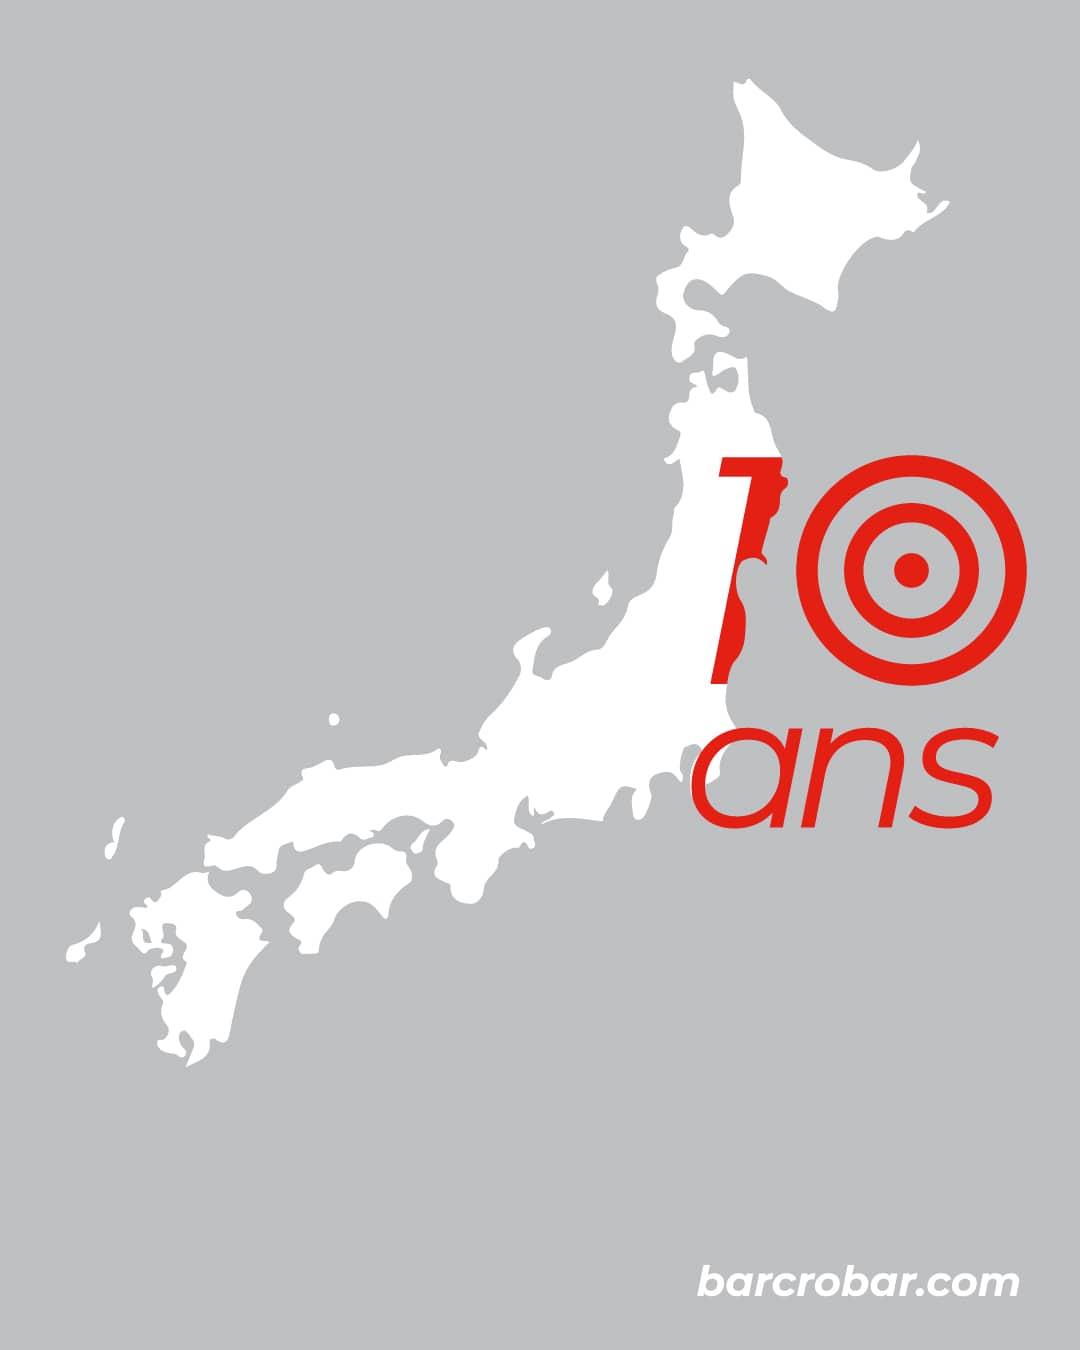 Japon : des murs anti-tsunami toujours plus hauts et longs depuis 2011